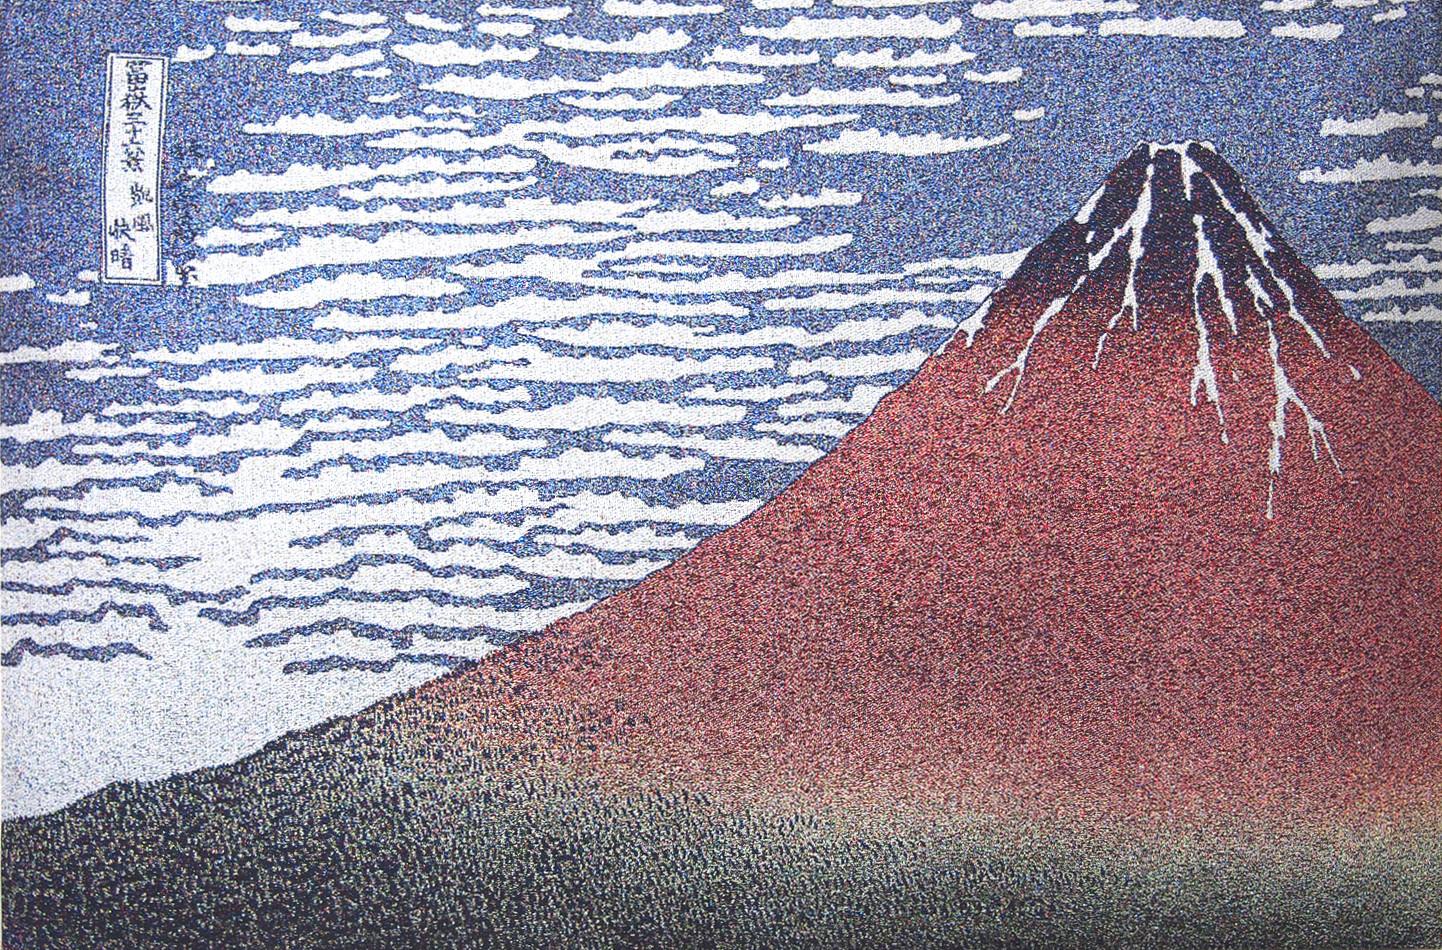 富嶽三十六景 「赤富士」noA1  w60*40